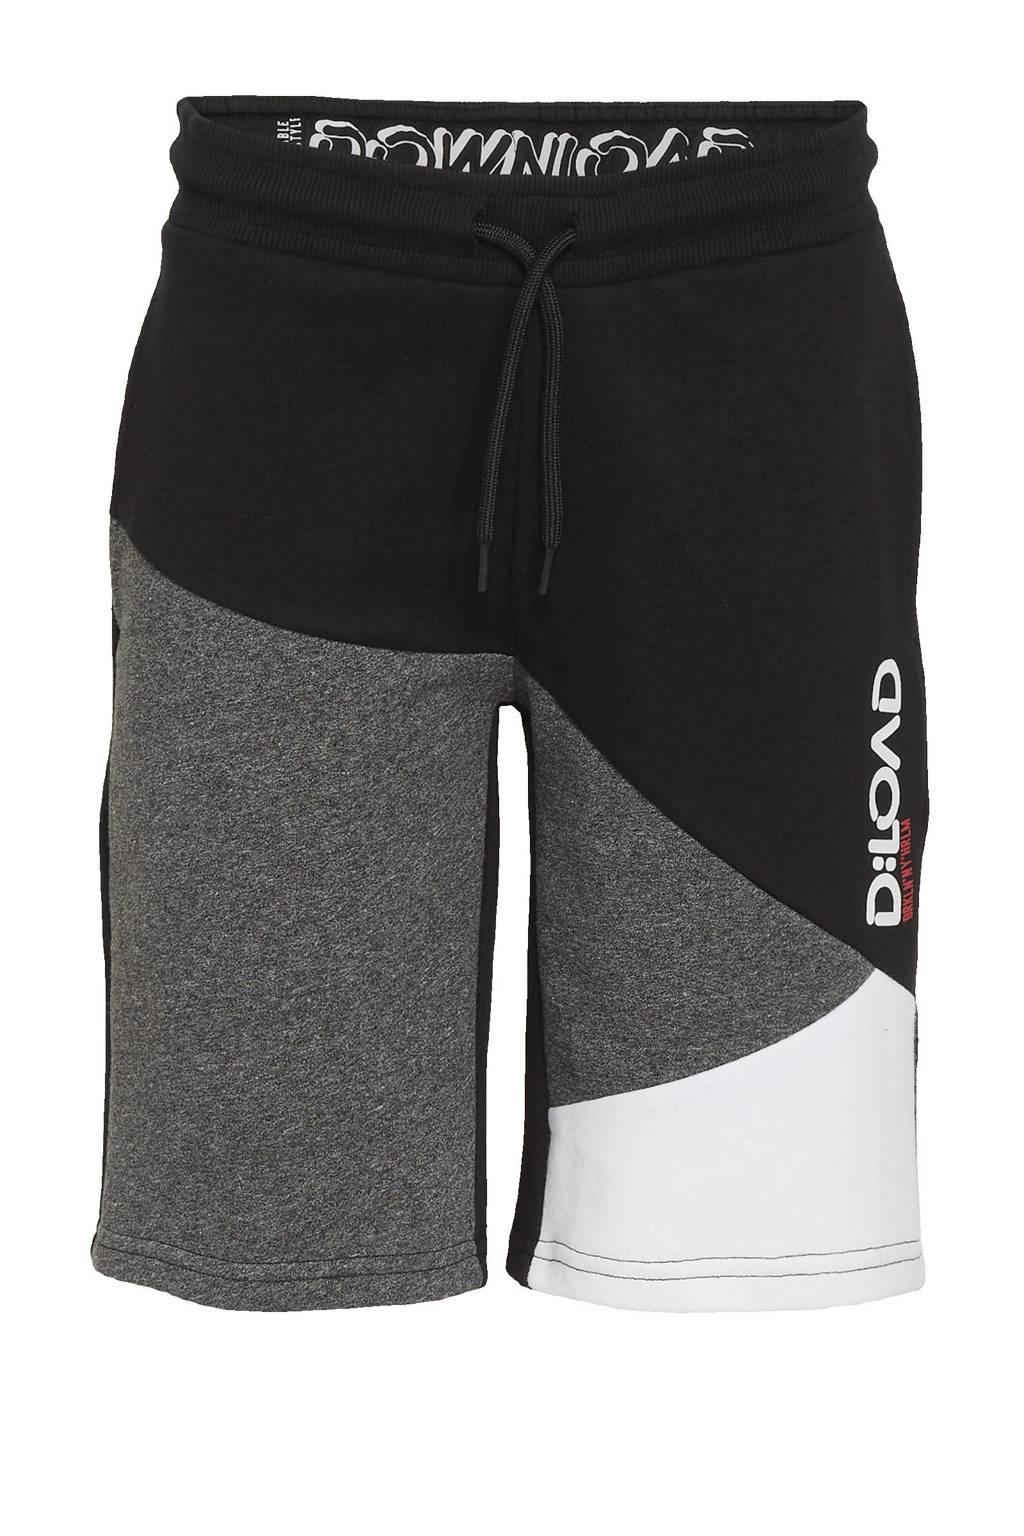 C&A sweatshort zwart/wit/grijs, Zwart/wit/grijs